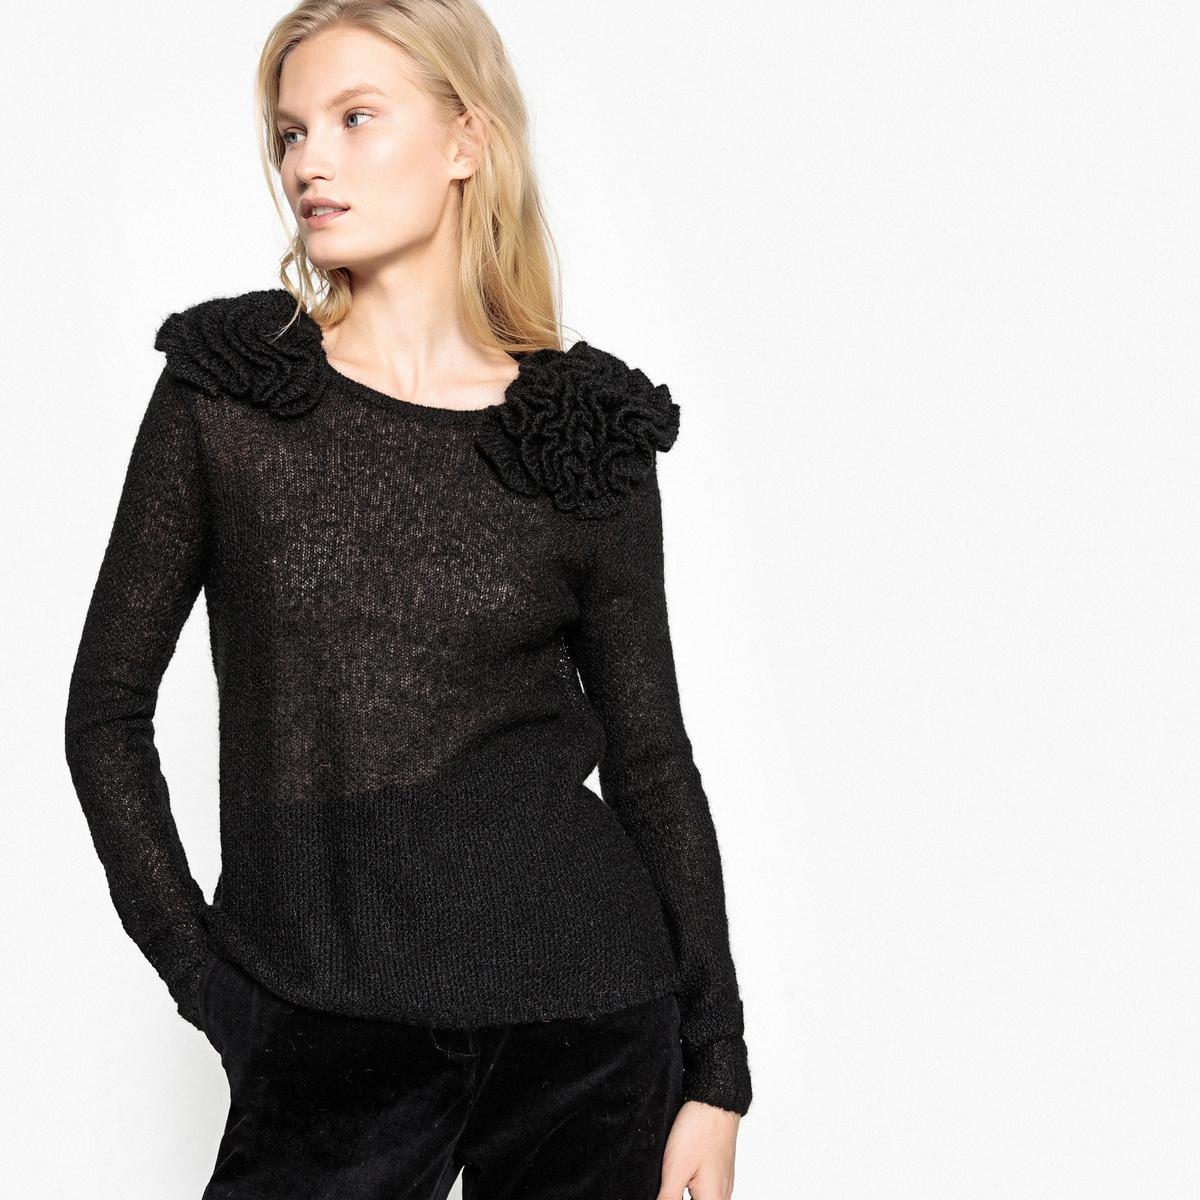 Пуловер La Redoute С круглым вырезом и деталями в виде цветов L черный пуловер la redoute с круглым вырезом из шерсти мериноса pascal 3xl черный